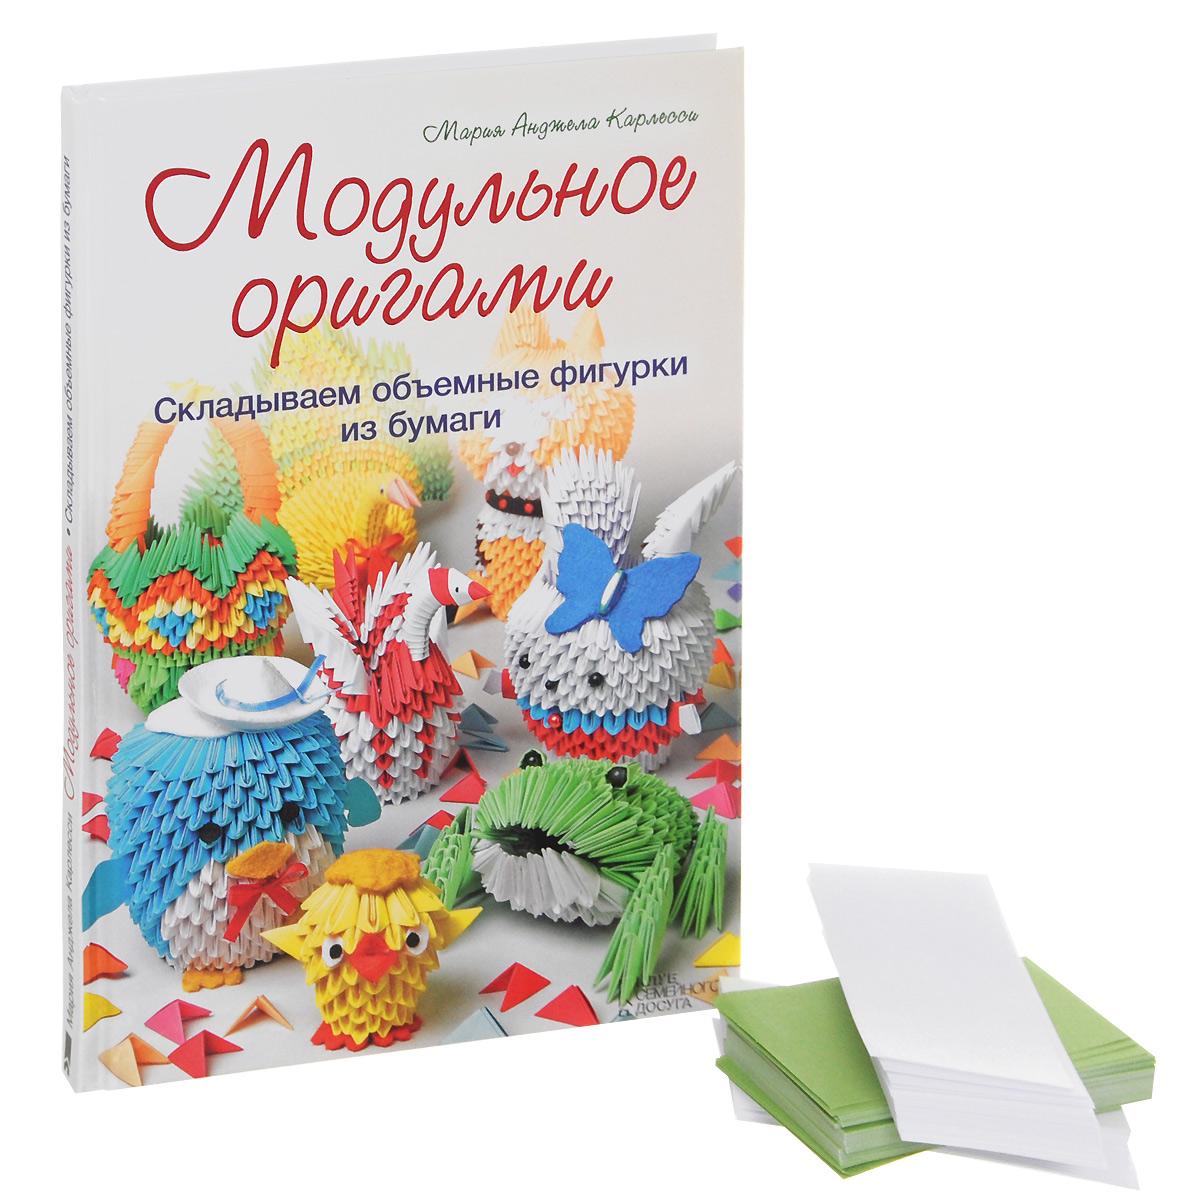 Модульное оригами. Складываем объемные фигурки из бумаги12296407Подарите себе радость творчества! Модульное оригами - необычайно увлекательное и доступное занятие, не требующее специальной подготовки: модули могут сложить даже дети. Соединив заготовки из обычного бумажного листа, можно получить огромное количество объемных моделей: черепаха, пингвин, лягушка, лебедь, панда и другие очаровательные зверушки, а также практичные вазочки и подставки для карандашей. вы сможете менять цвета по своему вкусу, создавая собственные варианты. Каждое изделие в этой книге сопровождается подробным описанием и красочными фотографиями. Бонус! Вместе с изданием вы получите набор бумаги и в любой момент сможете приступить к творчеству и легко собрать лебедя!